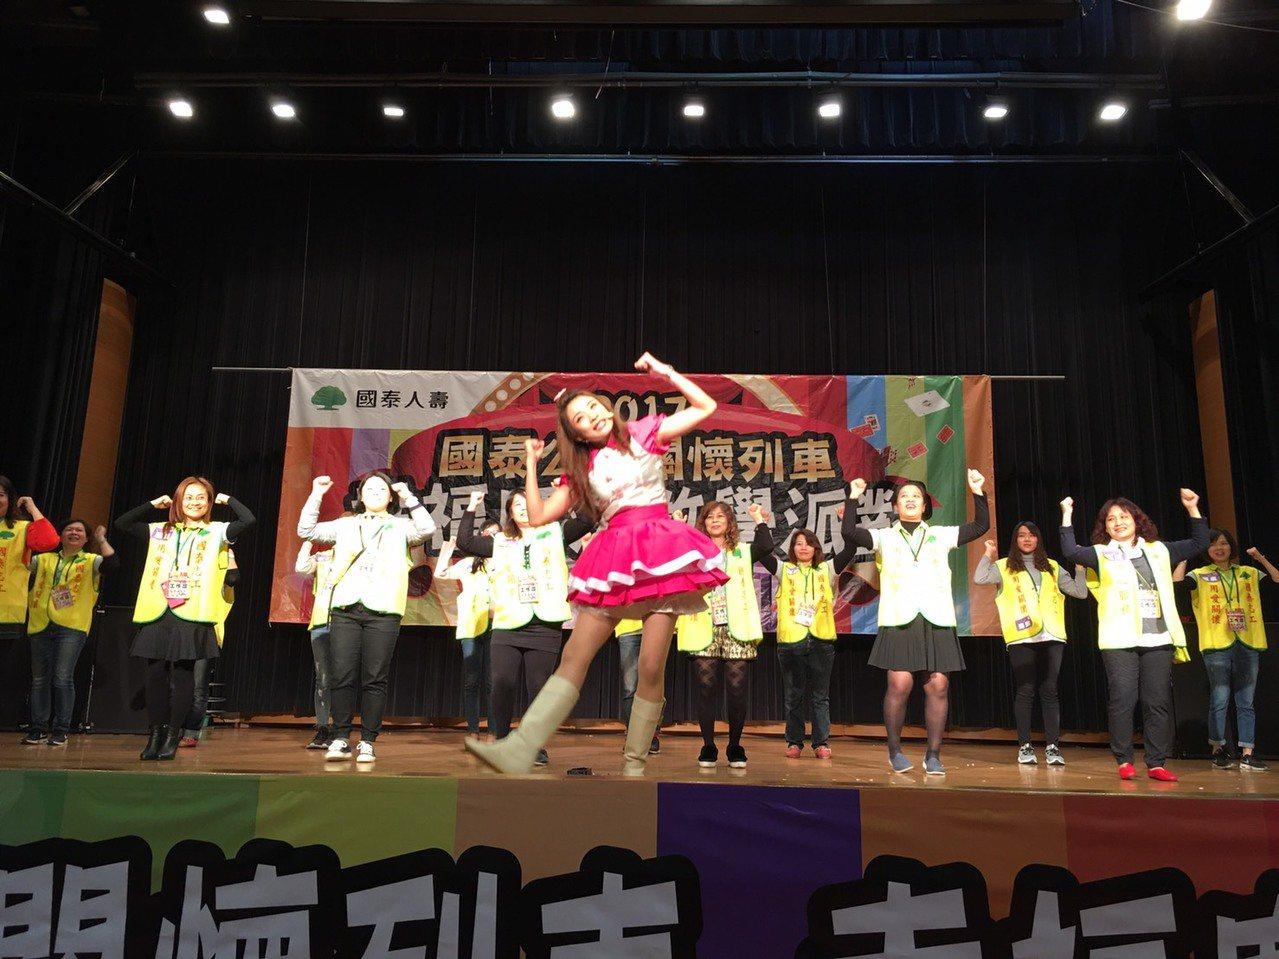 國泰關懷列車今晚開到二林鎮圖書館,可愛又美麗的幸福天使妮妮帶動唱,與現場近千名親...